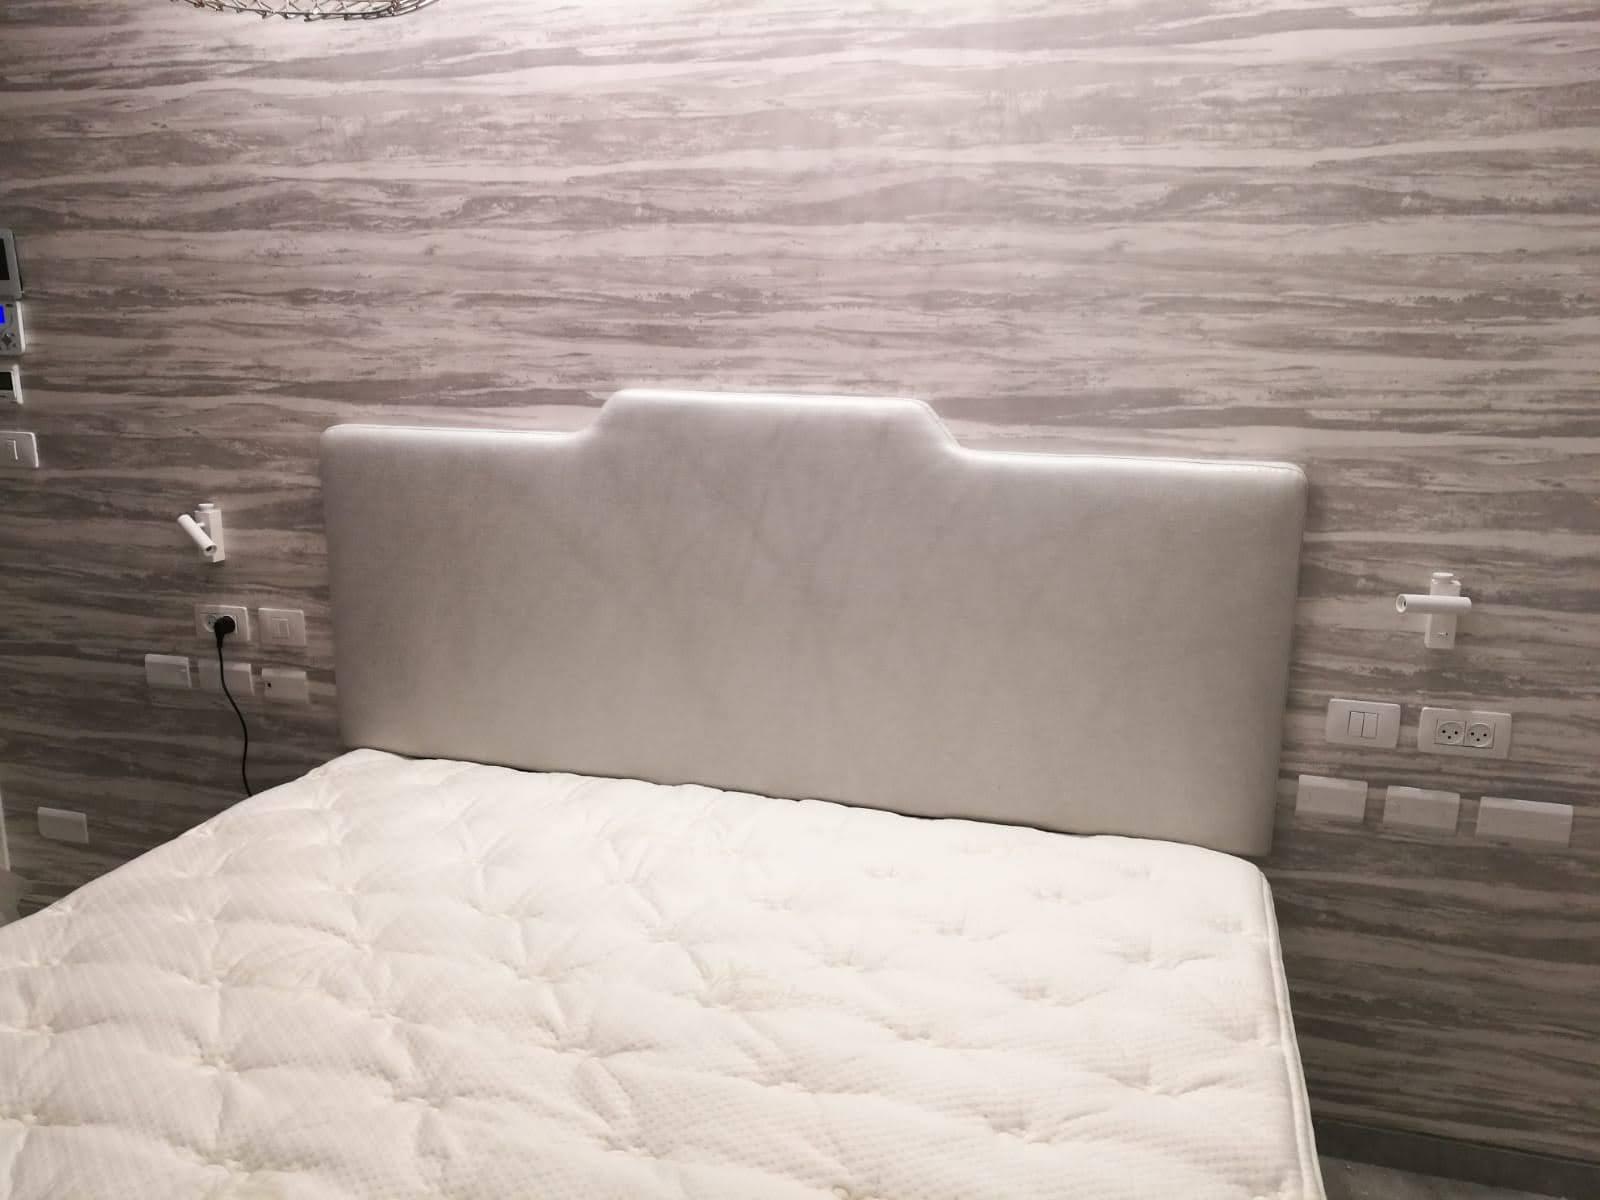 ייצור רהיטים בהתאמה אישית - ראש מיטה - רסטורנו